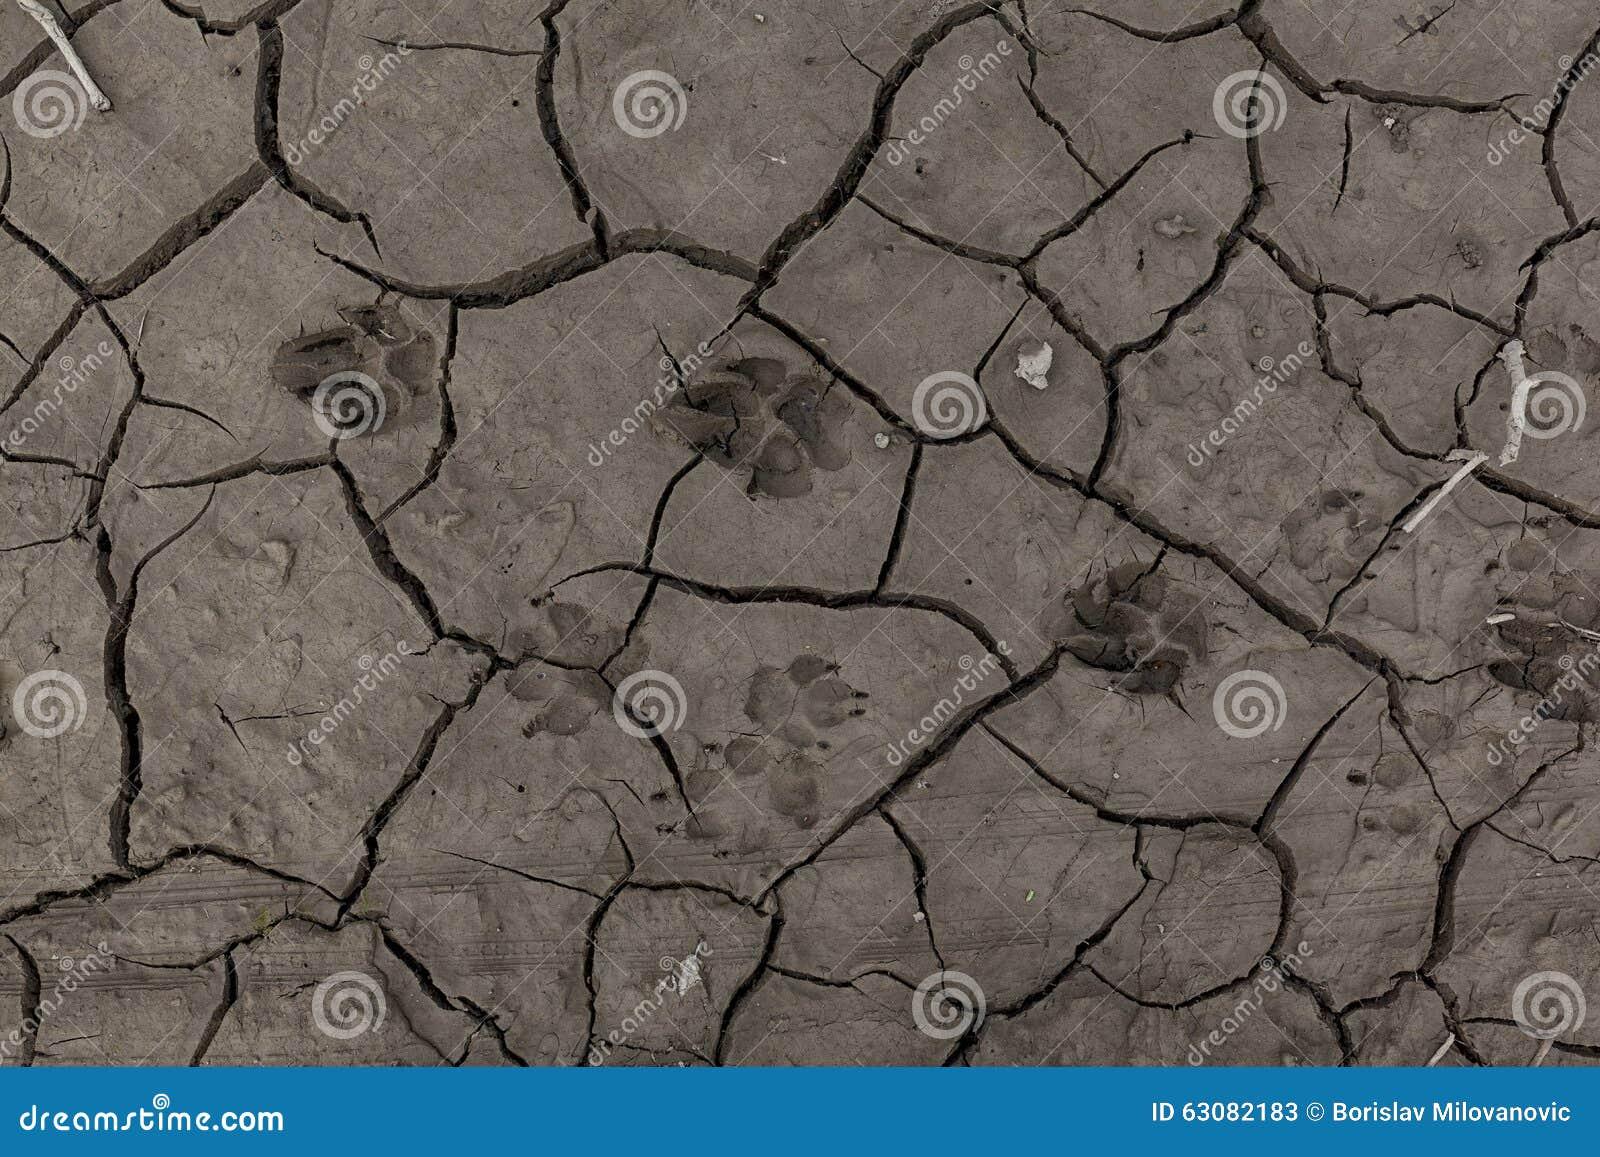 Download Empreintes De Pas Animales Dans La Boue Sèche 01 Image stock - Image du brun, gris: 63082183